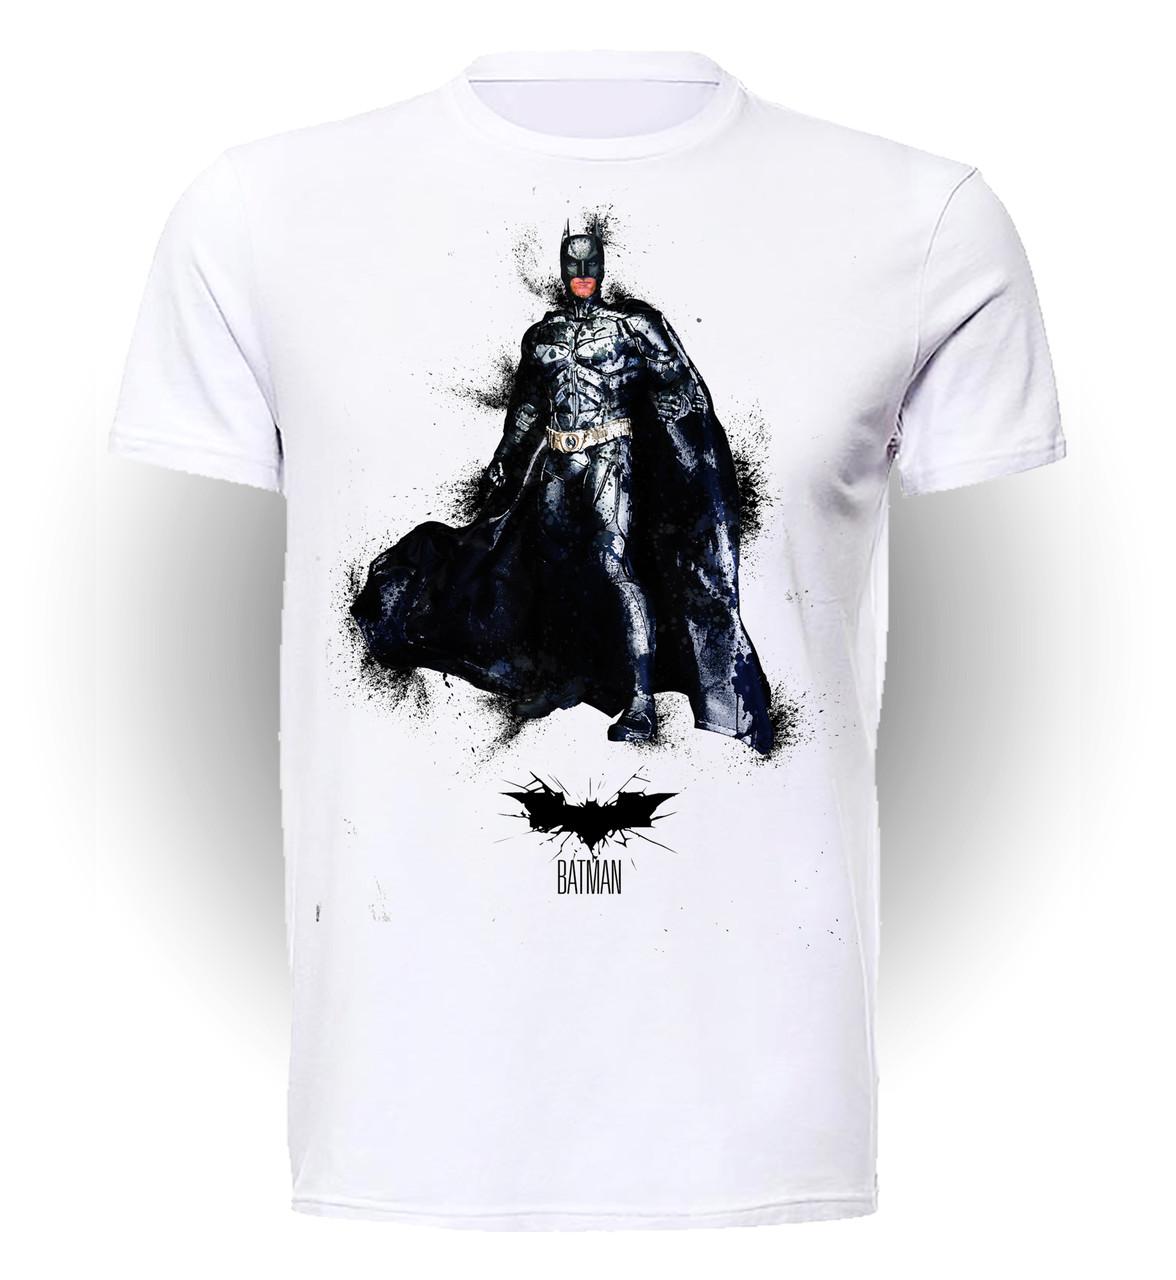 Футболка GeekLand Бэтмен Batman grunge BM.01.048